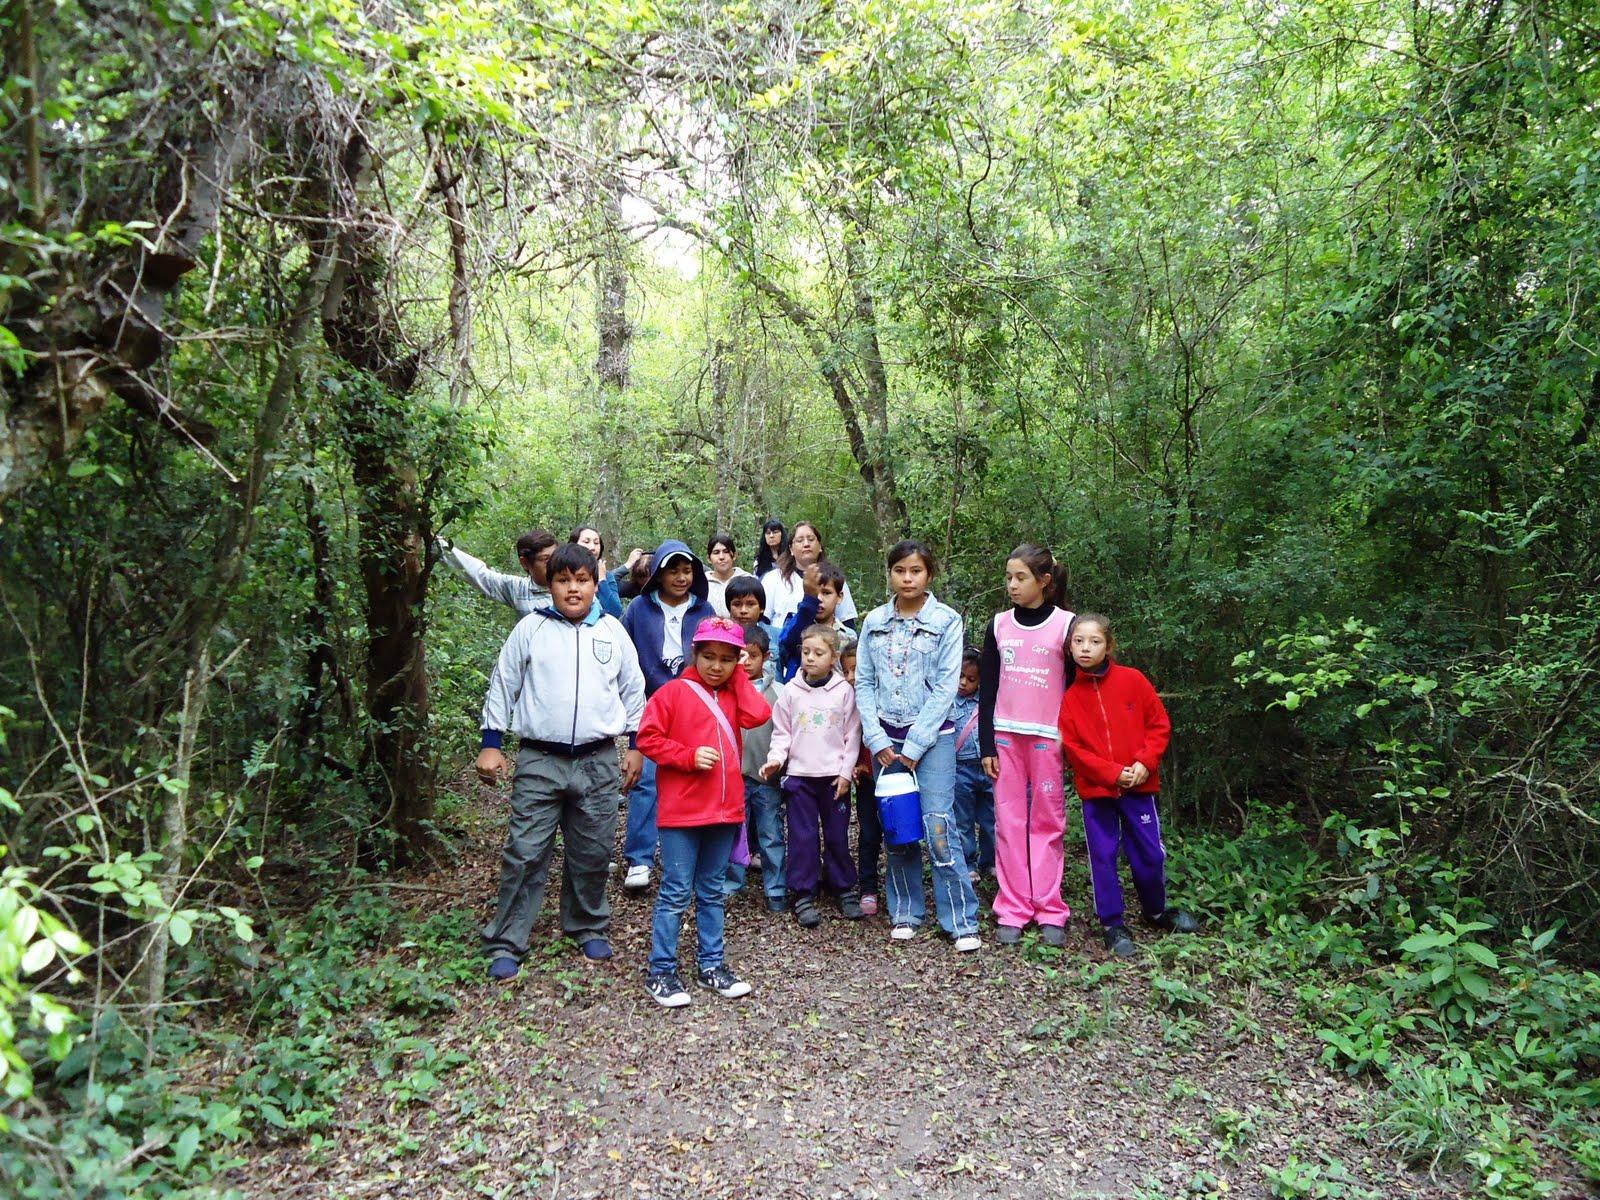 Parque Nacional Chaco - Escuela Nº 639 ¡BIENVENIDOS A NUESTRO BLOG!